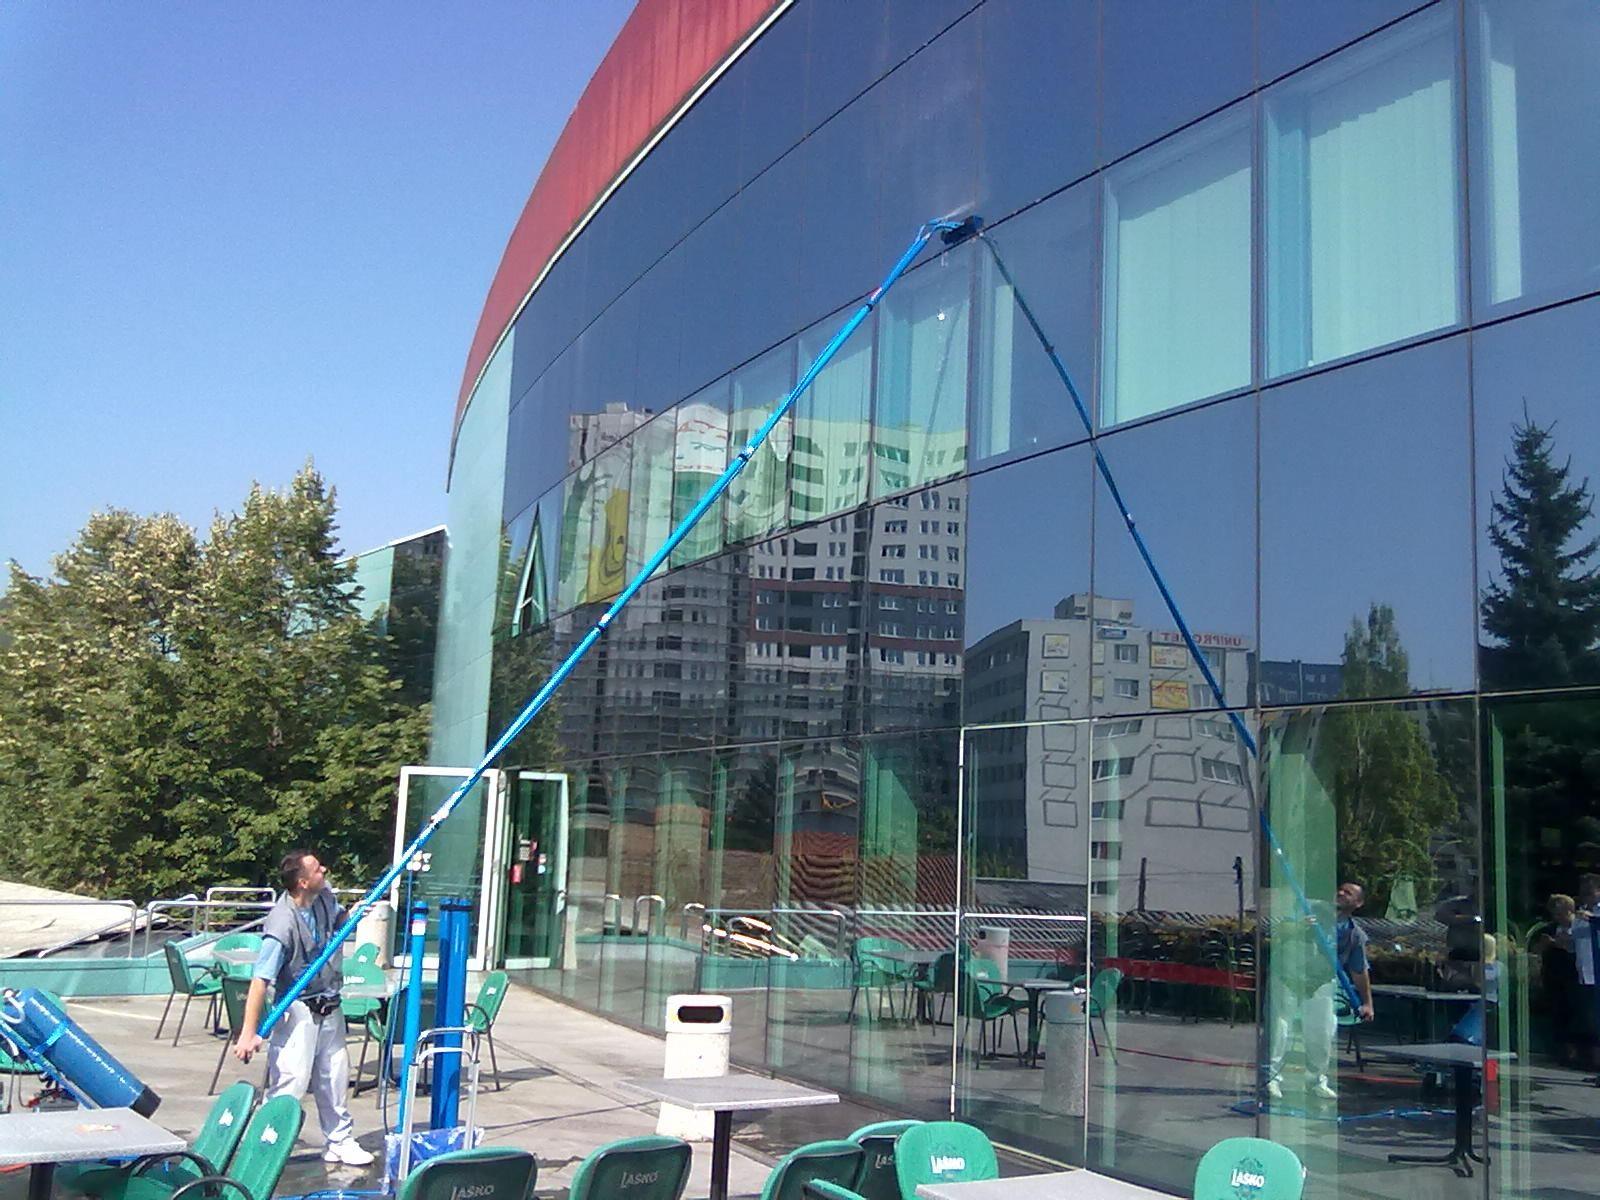 pulizie vetrate e finestre